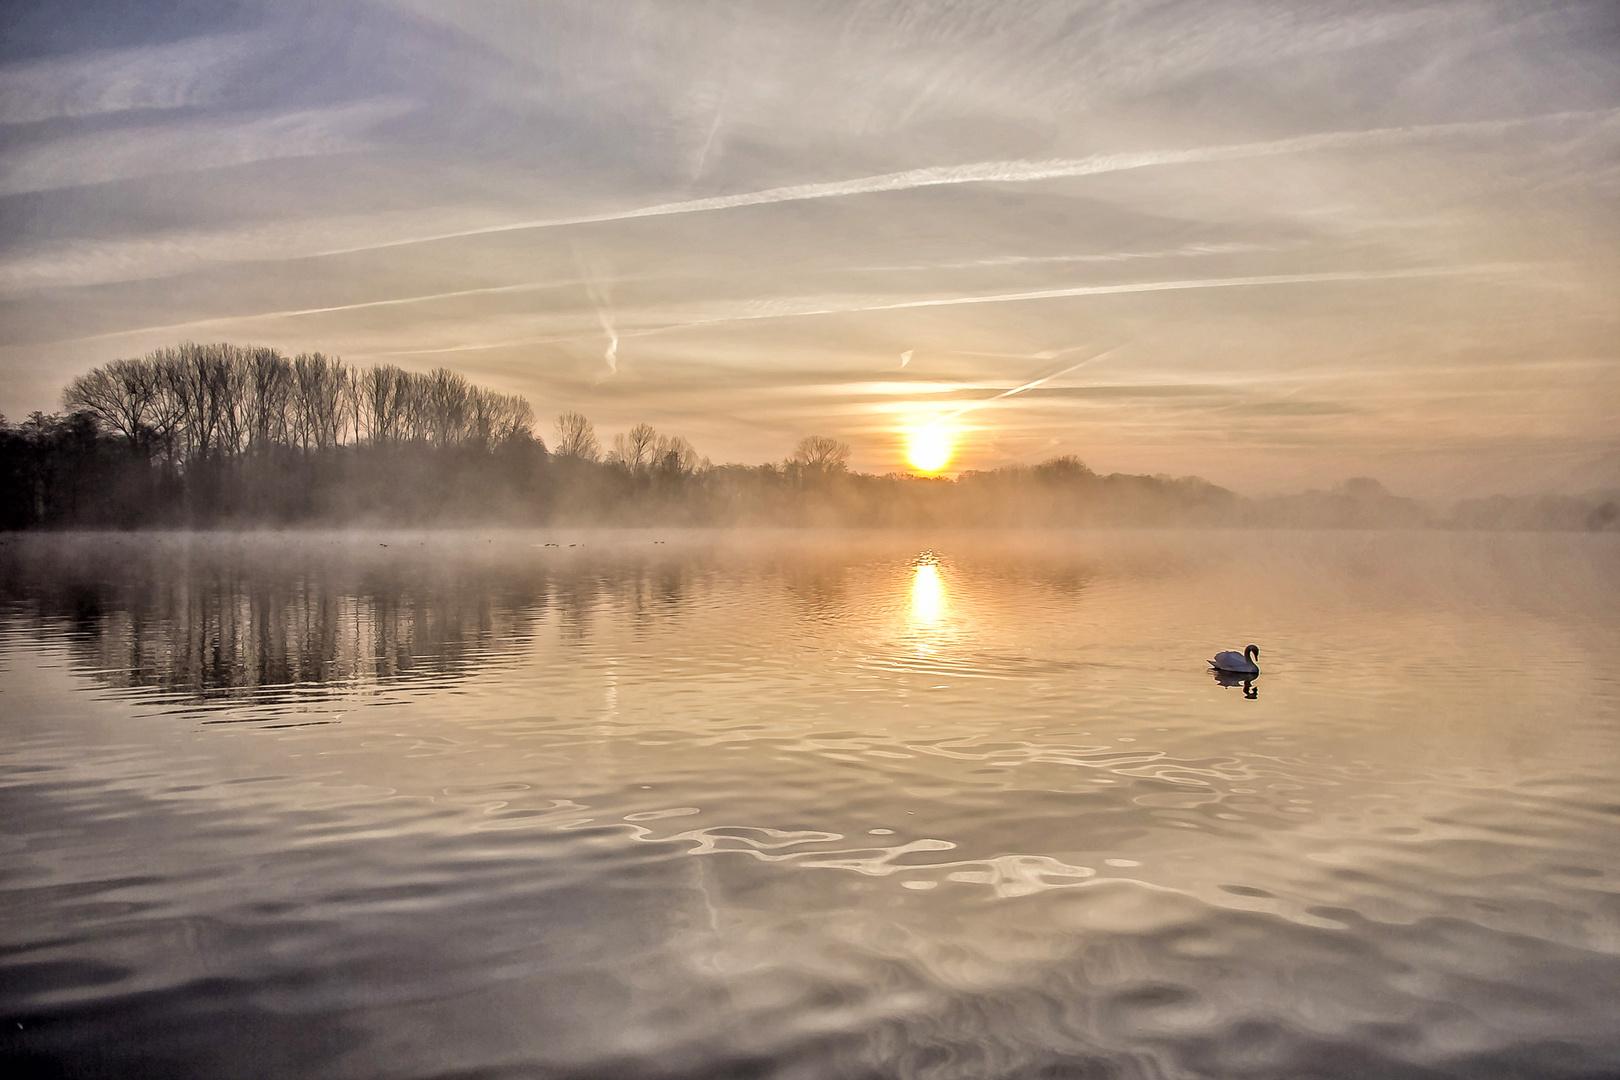 De Wittsee in Nettetal kurz nach Sonnenaufgang